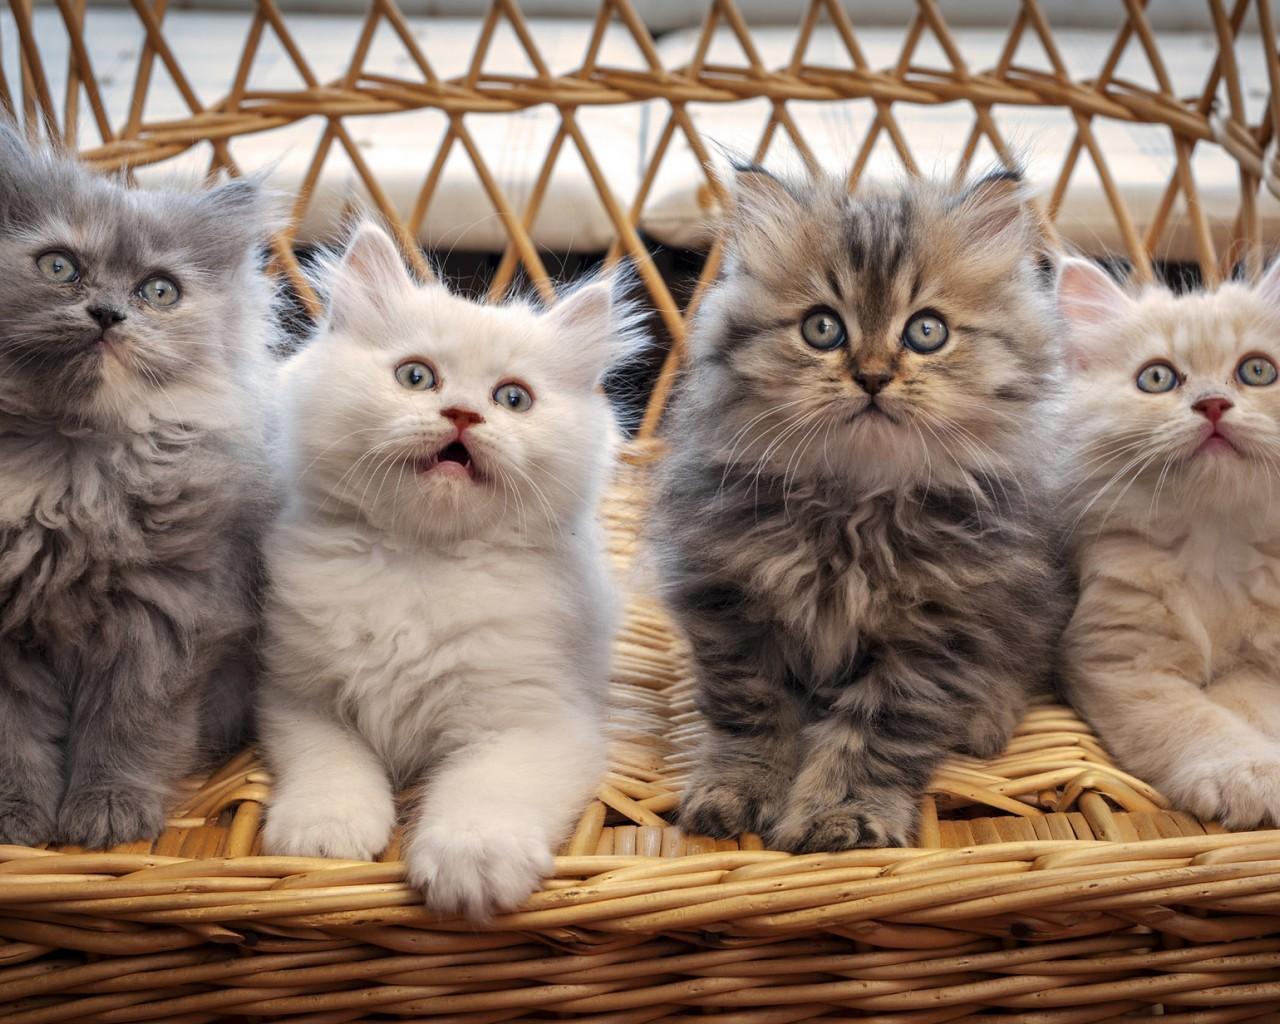 Альбом «дружелюбной» музыки для кошек презентовали в Лондоне